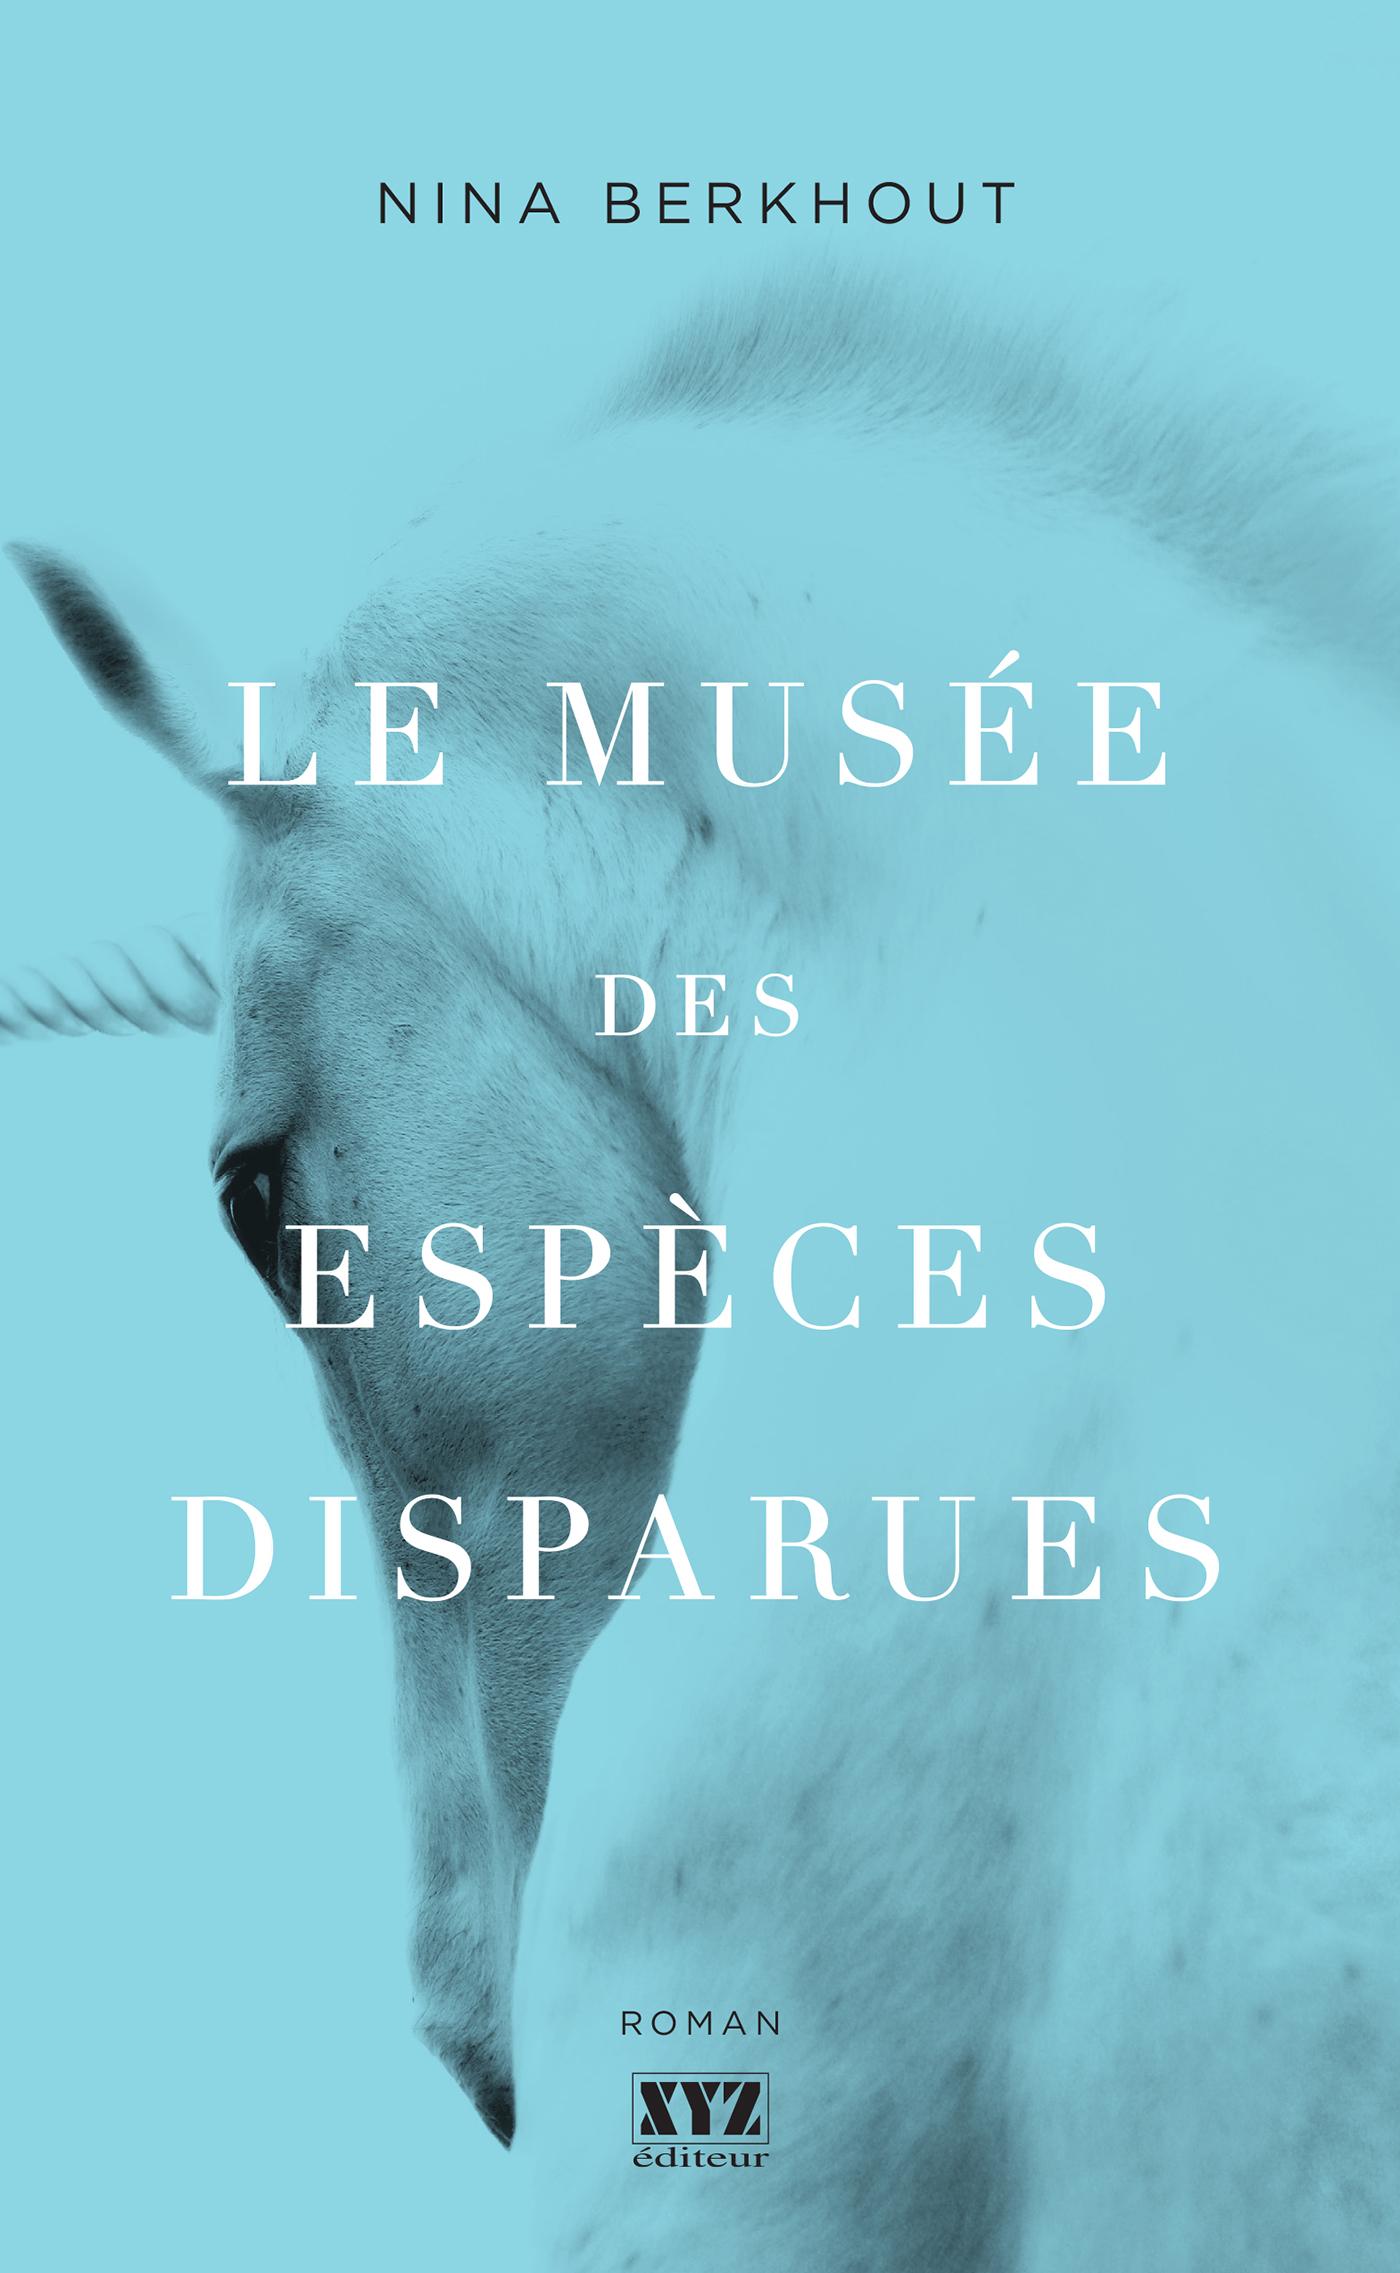 Le Musée des espèces disparues